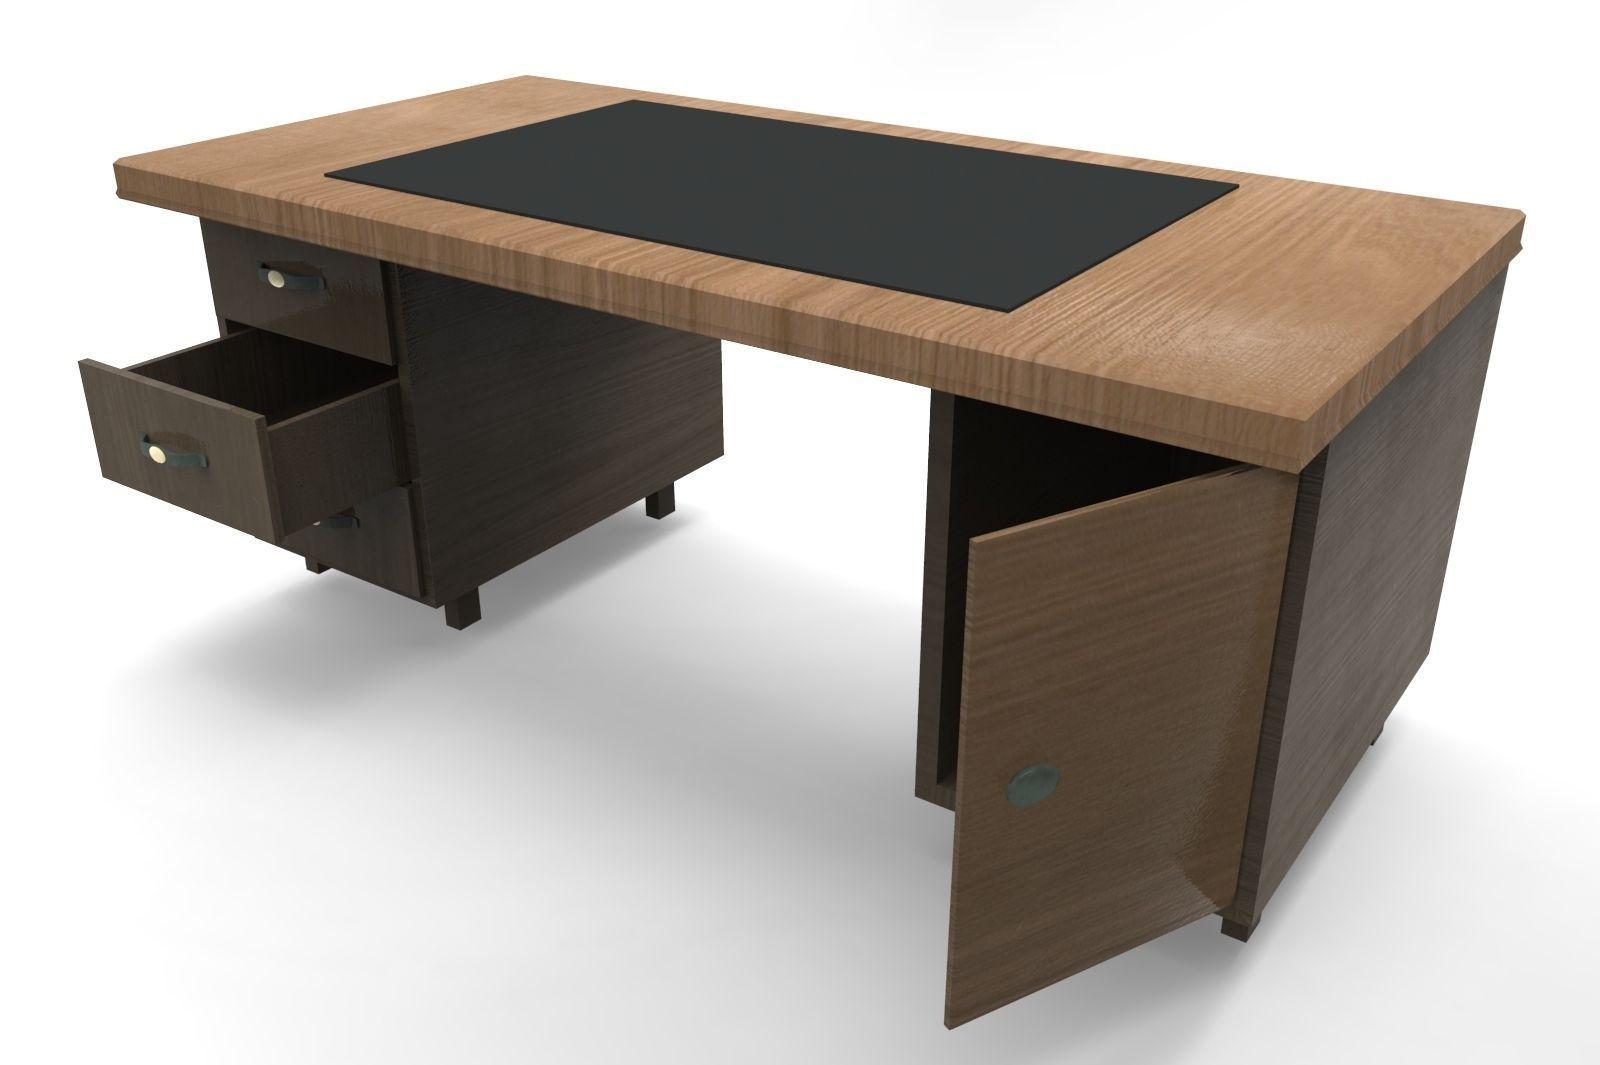 Work Table Black 3d Model Low Poly Obj 3ds Fbx Tga 4